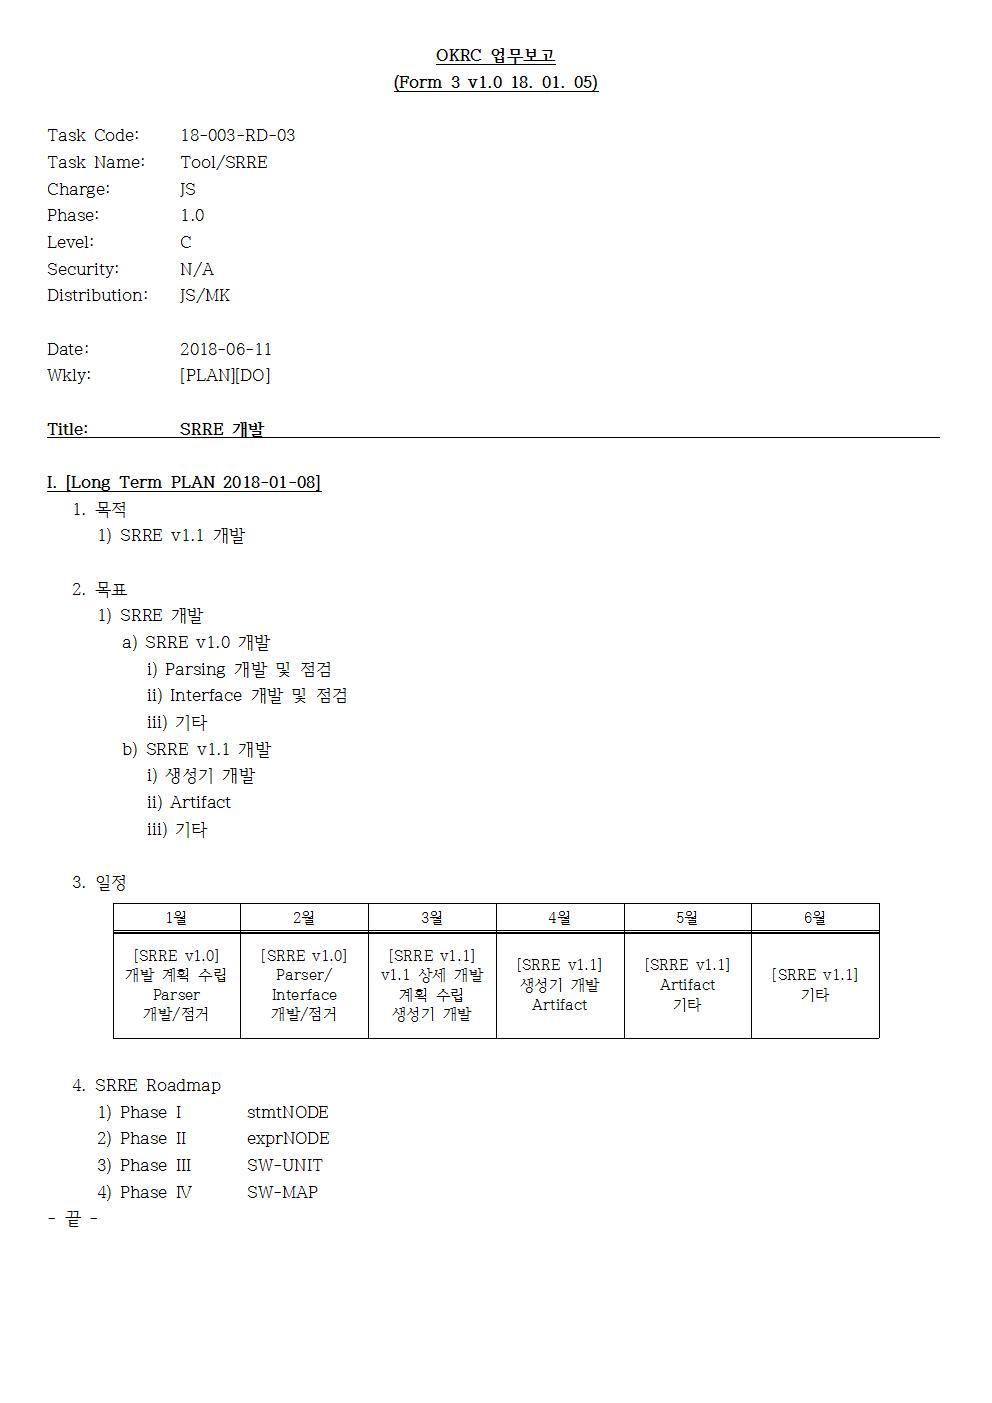 D-[18-003-RD-03]-[SRRE]-[2018-06-14][JS]001.jpg